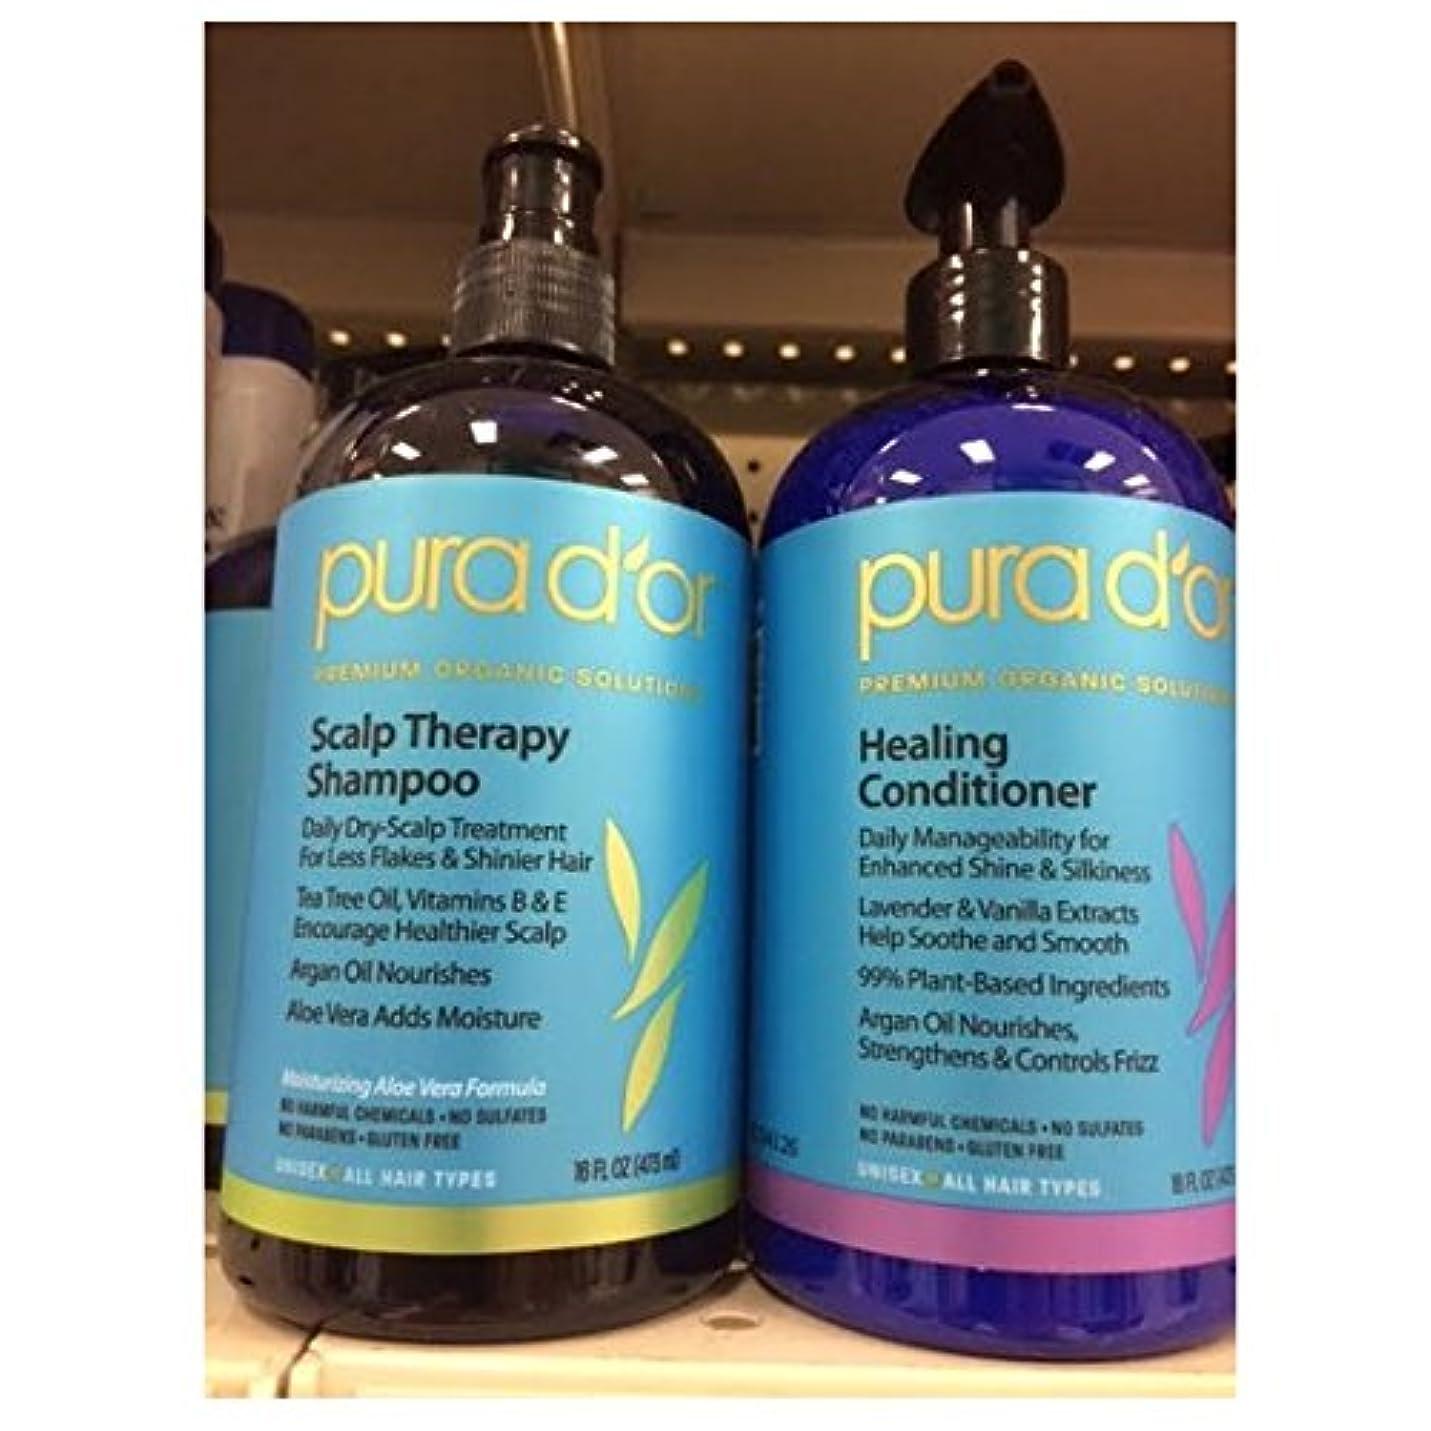 リース統治可能グレートオーク〈海外直送品〉【2本セット】Pura d'or Scalp Therapy Shampoo & Healing Conditioner 各16oz(475ml) プラドール スカルプセラピーシャンプー&ヒーリングコンディショナーセット